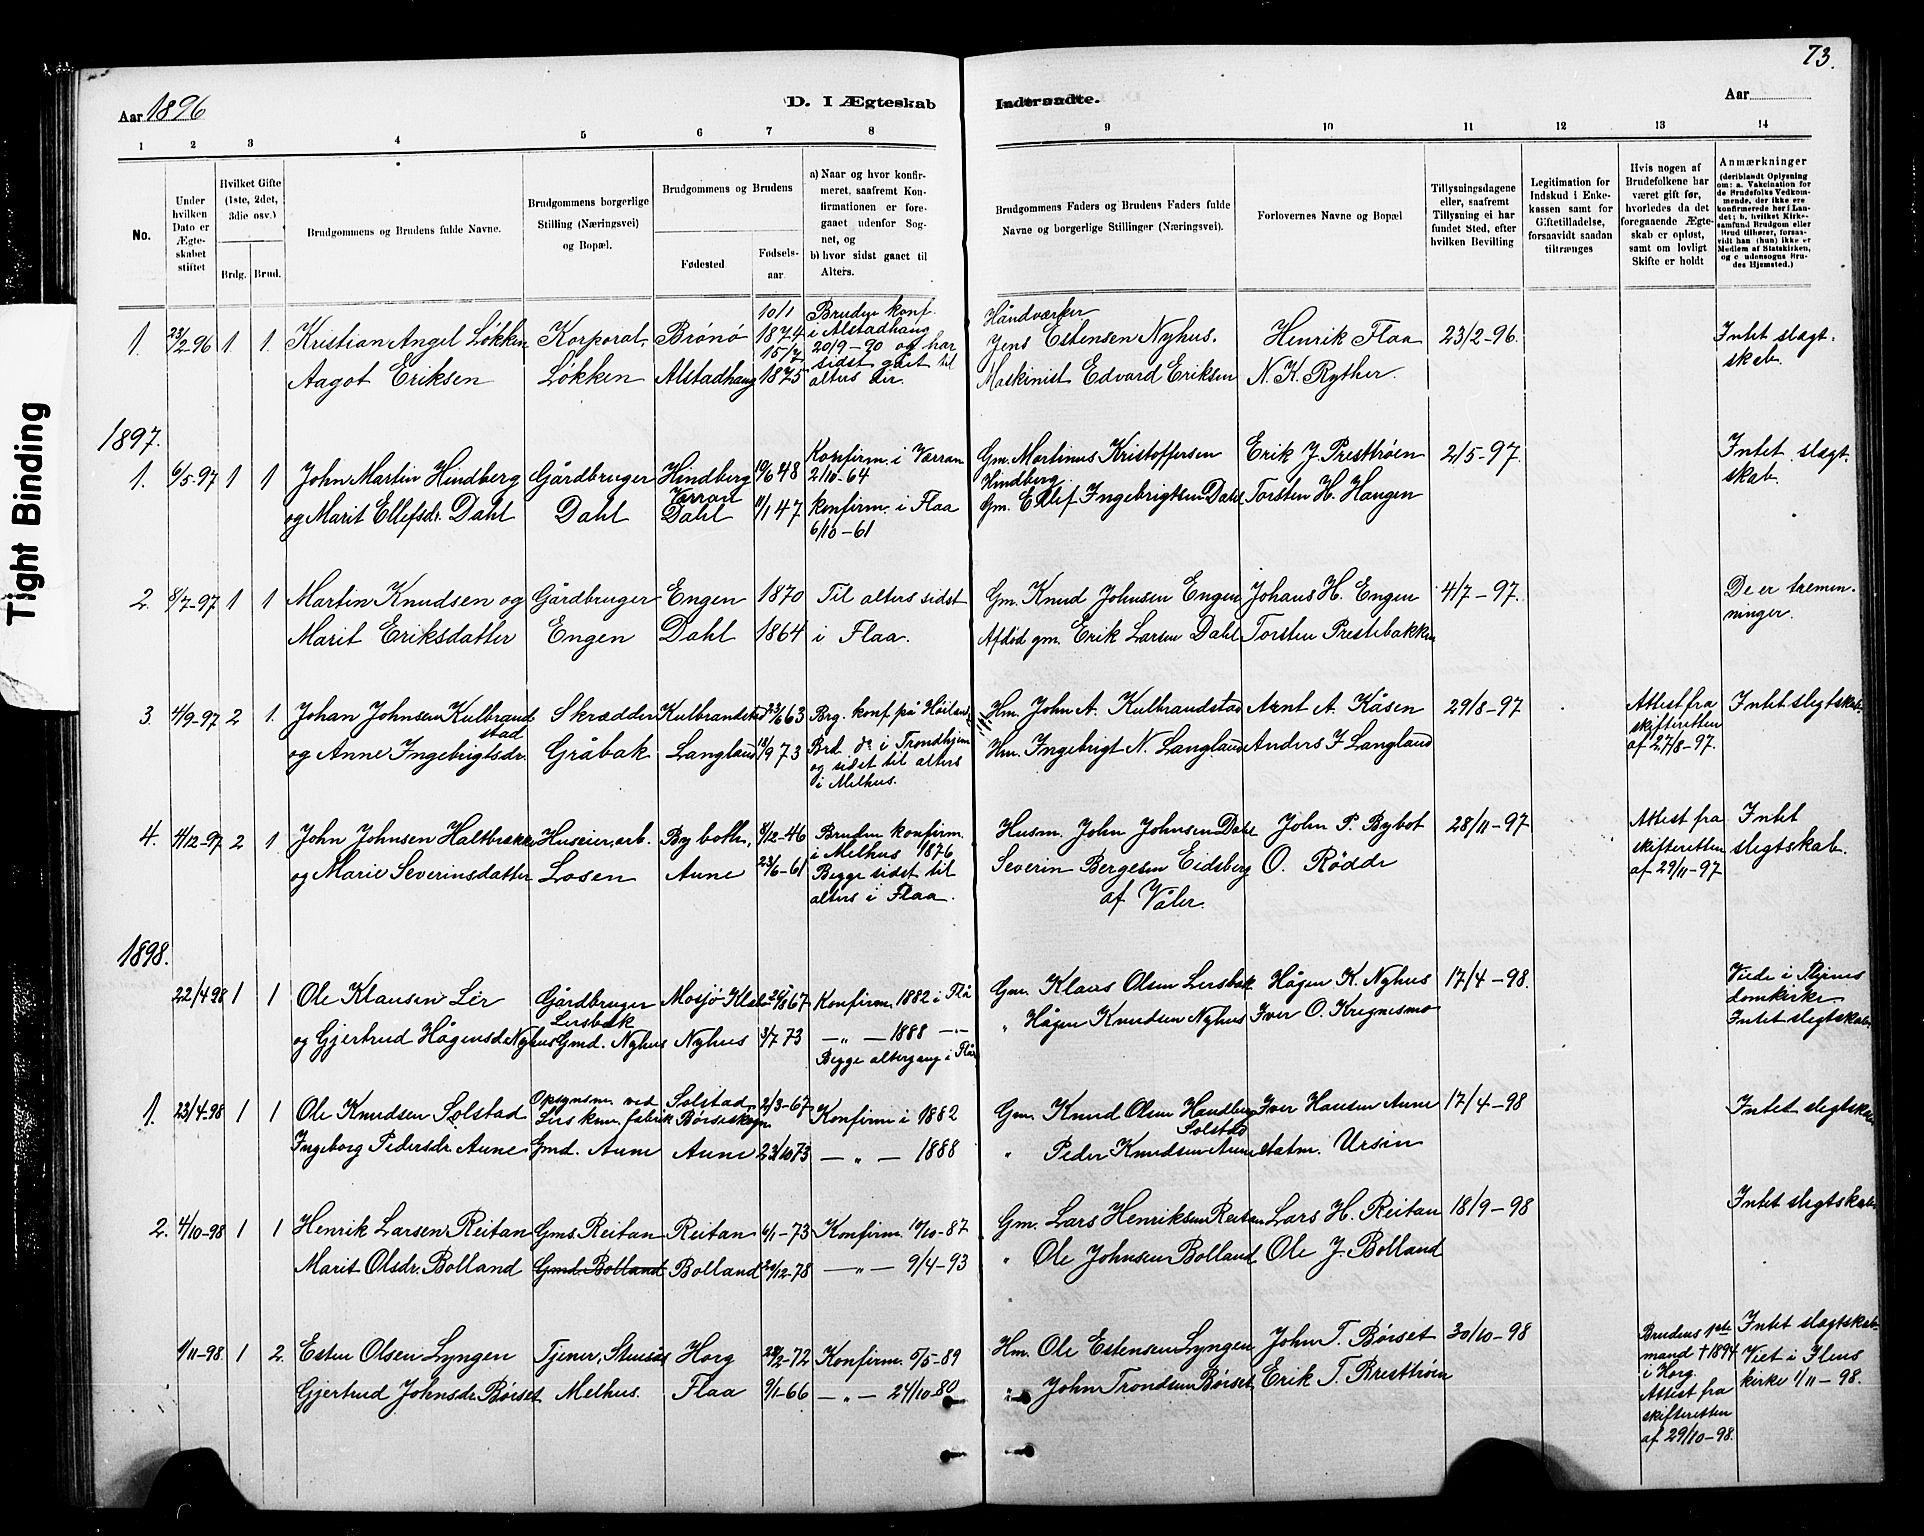 SAT, Ministerialprotokoller, klokkerbøker og fødselsregistre - Sør-Trøndelag, 693/L1123: Klokkerbok nr. 693C04, 1887-1910, s. 73